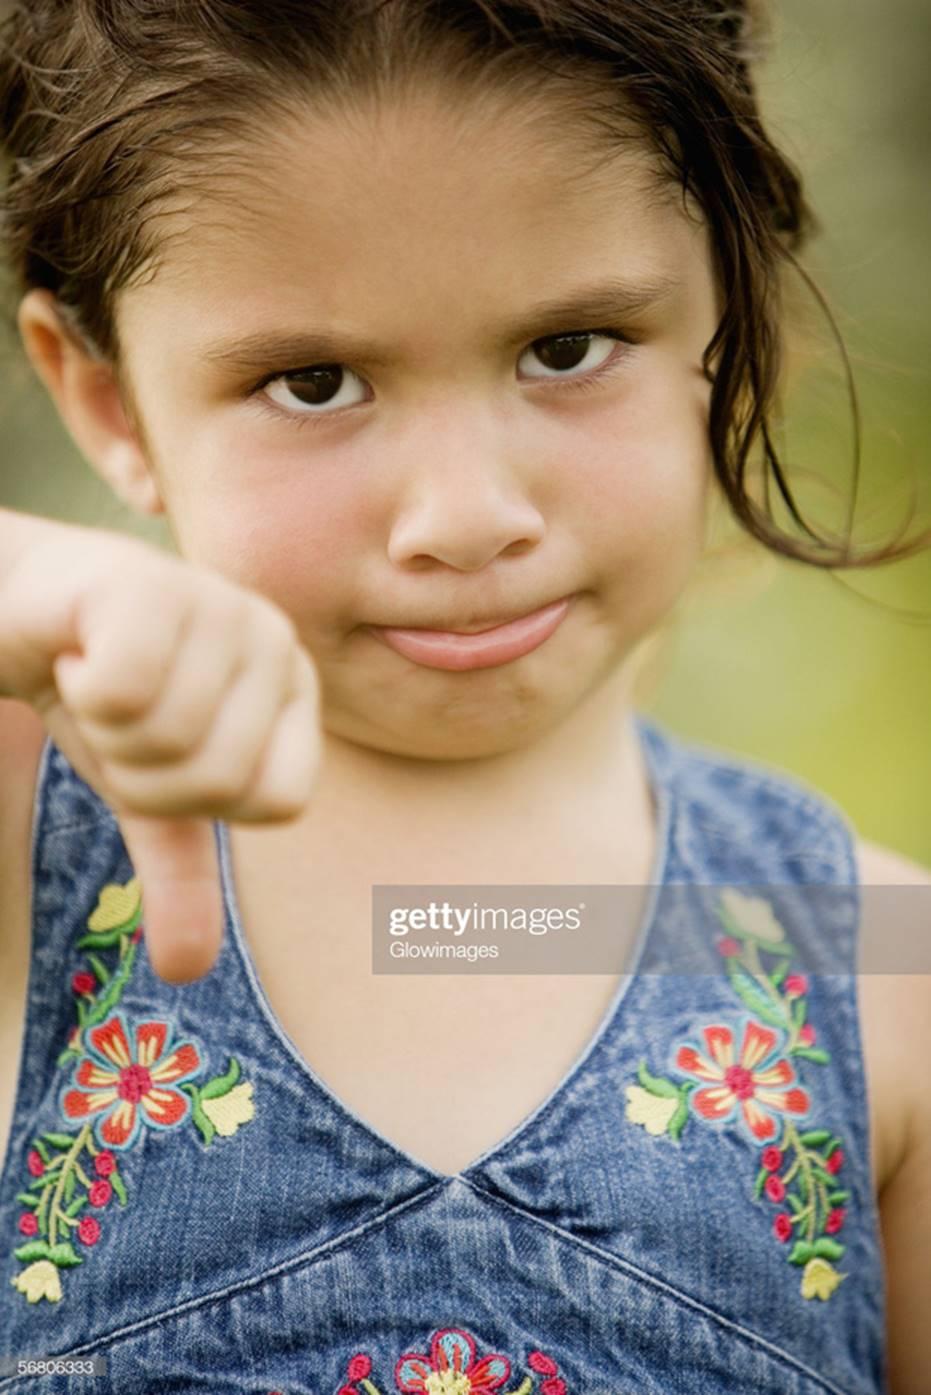 Cha mẹ Hà Lan chia sẻ 13 bí quyết trẻ con quốc gia này hạnh phúc hơn hẳn nơi khác, điều số 4 nghe vô lý nhưng lại rất thuyết phục!-5